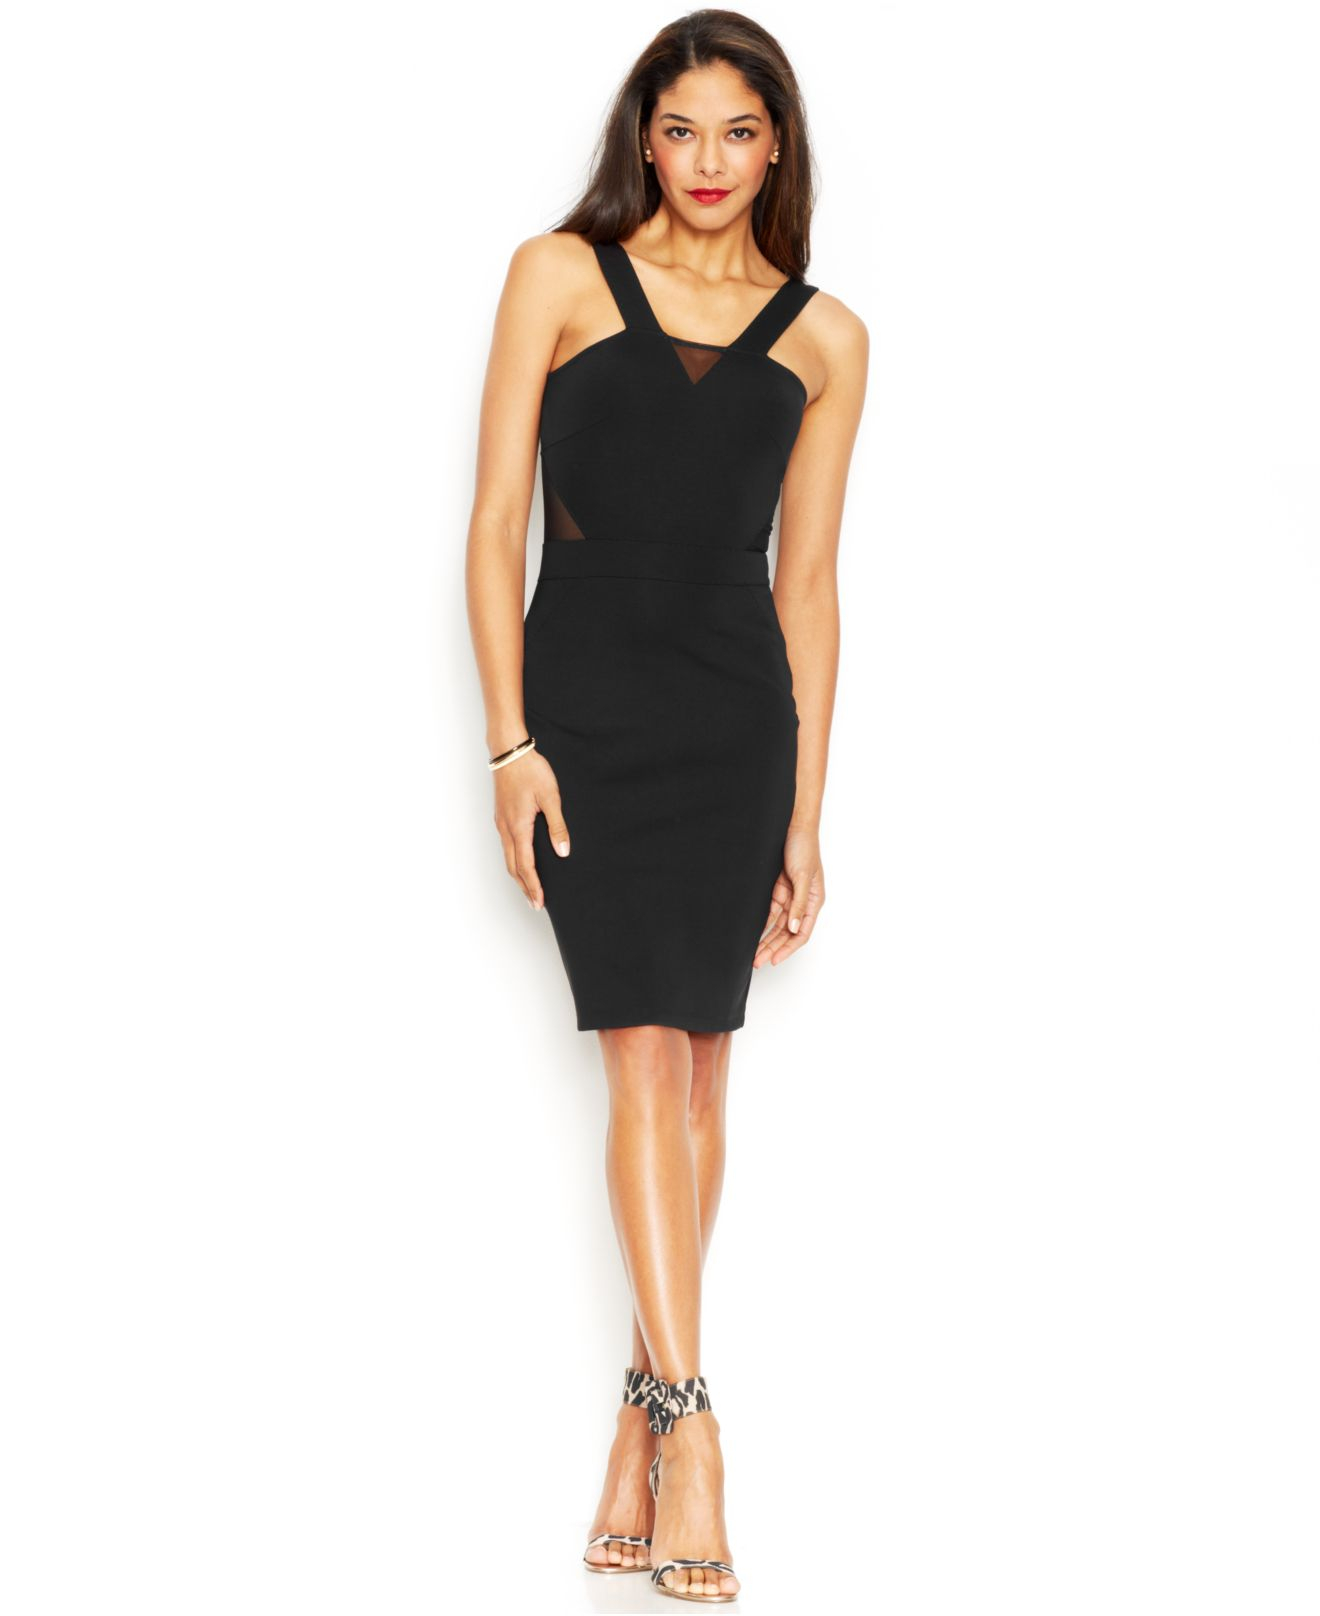 Black strapless v-neck dress